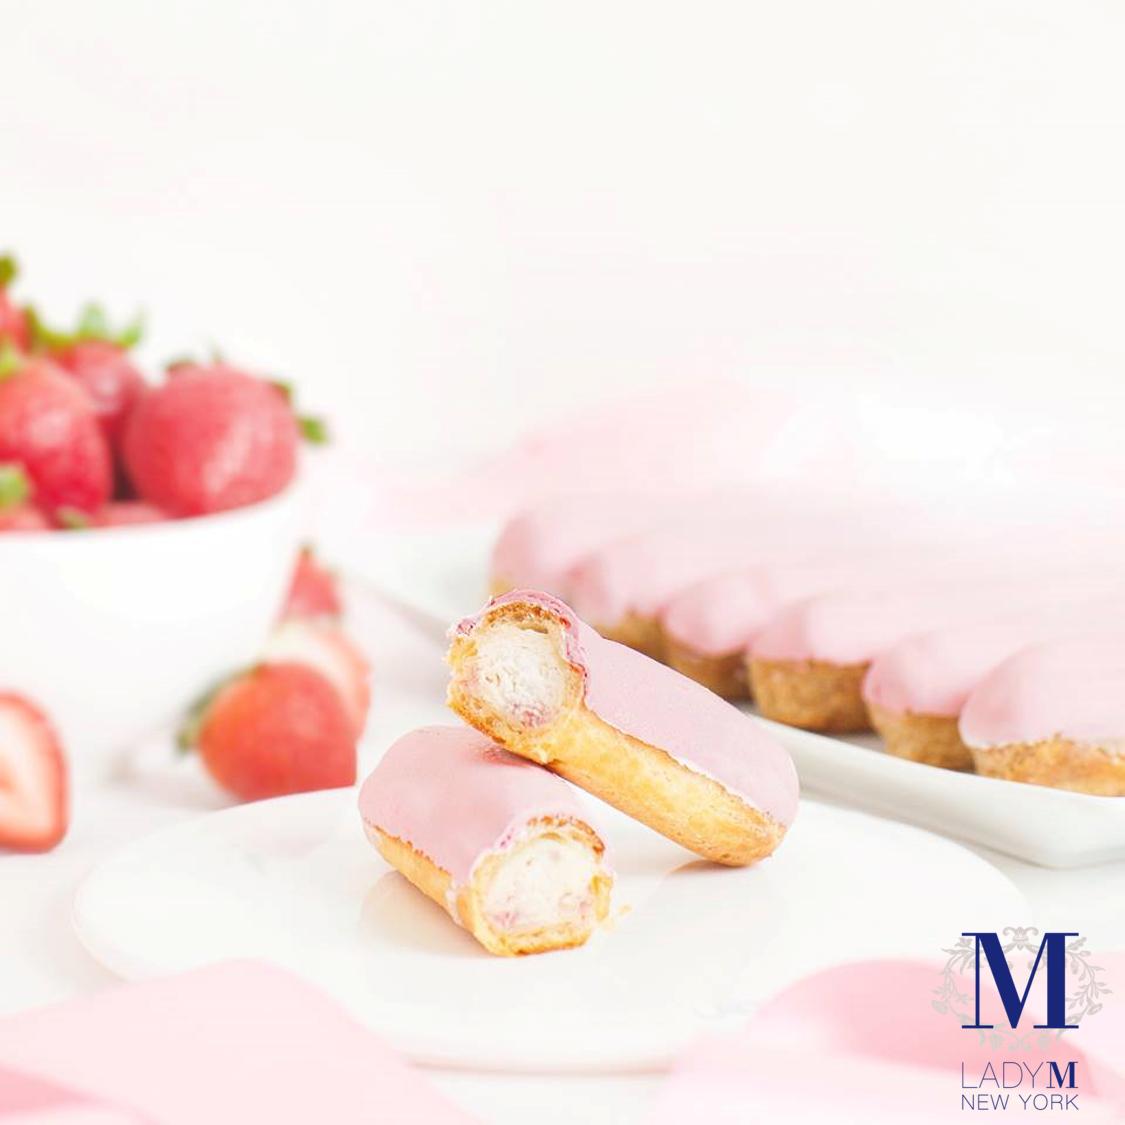 「草莓閃電泡芙 」售價220元(2條/組)。圖/Lady M提供